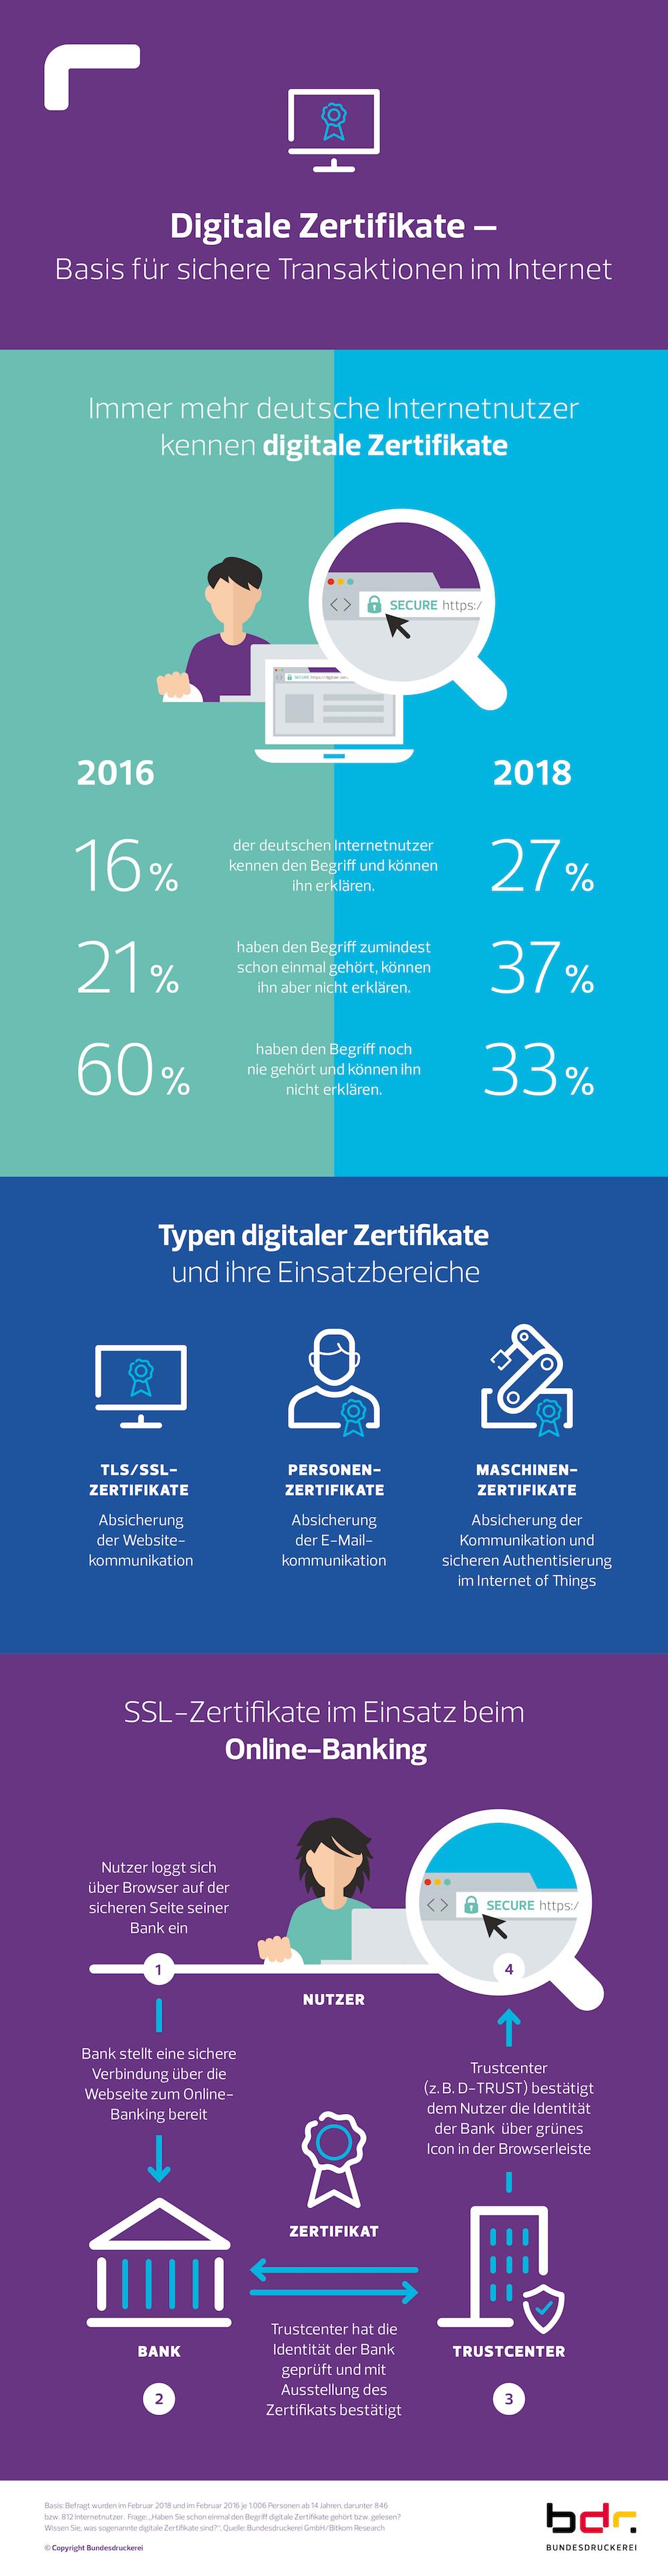 Digitale Zertifikate: Basis für sichere Transaktionen in der Industrie 4.0 und im Internet (Quelle: obs/Bundesdruckerei GmbH)